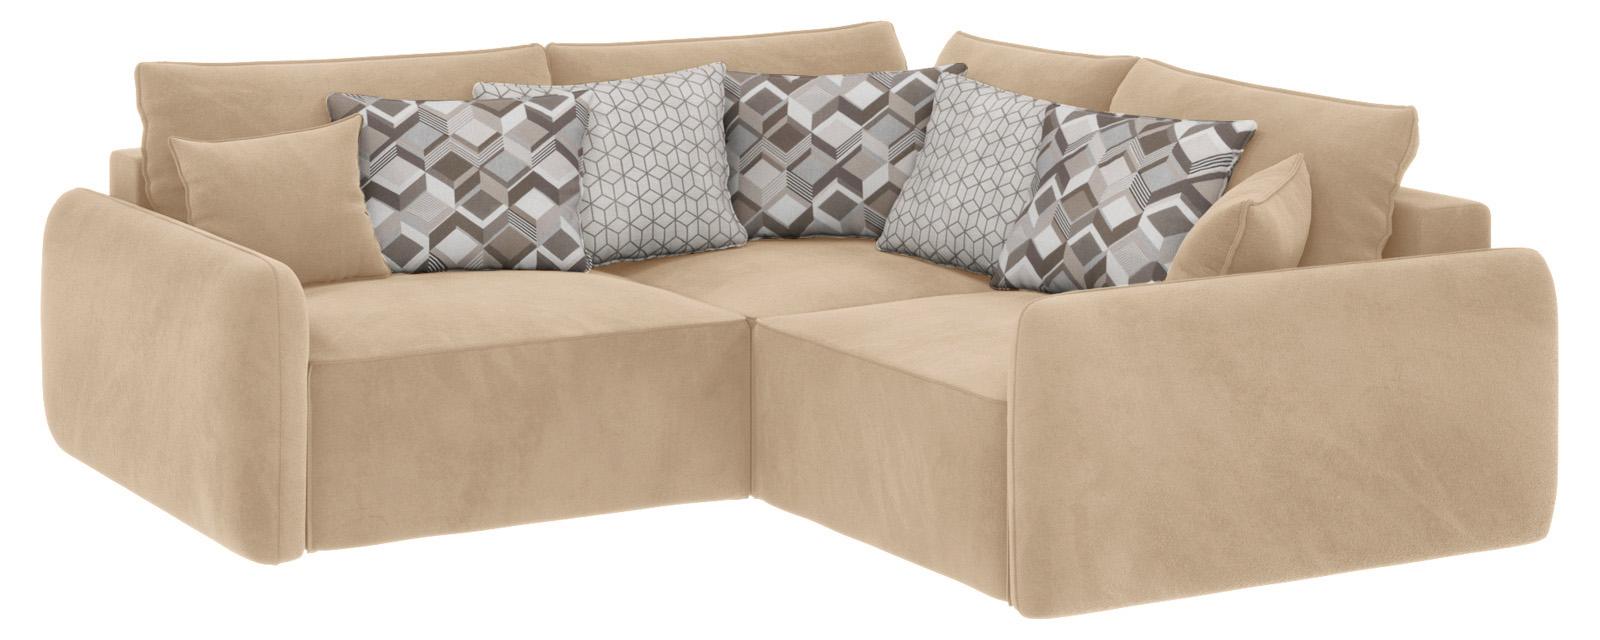 Модульный диван Портленд вариант №6 Soft песочный (Вел-флок)